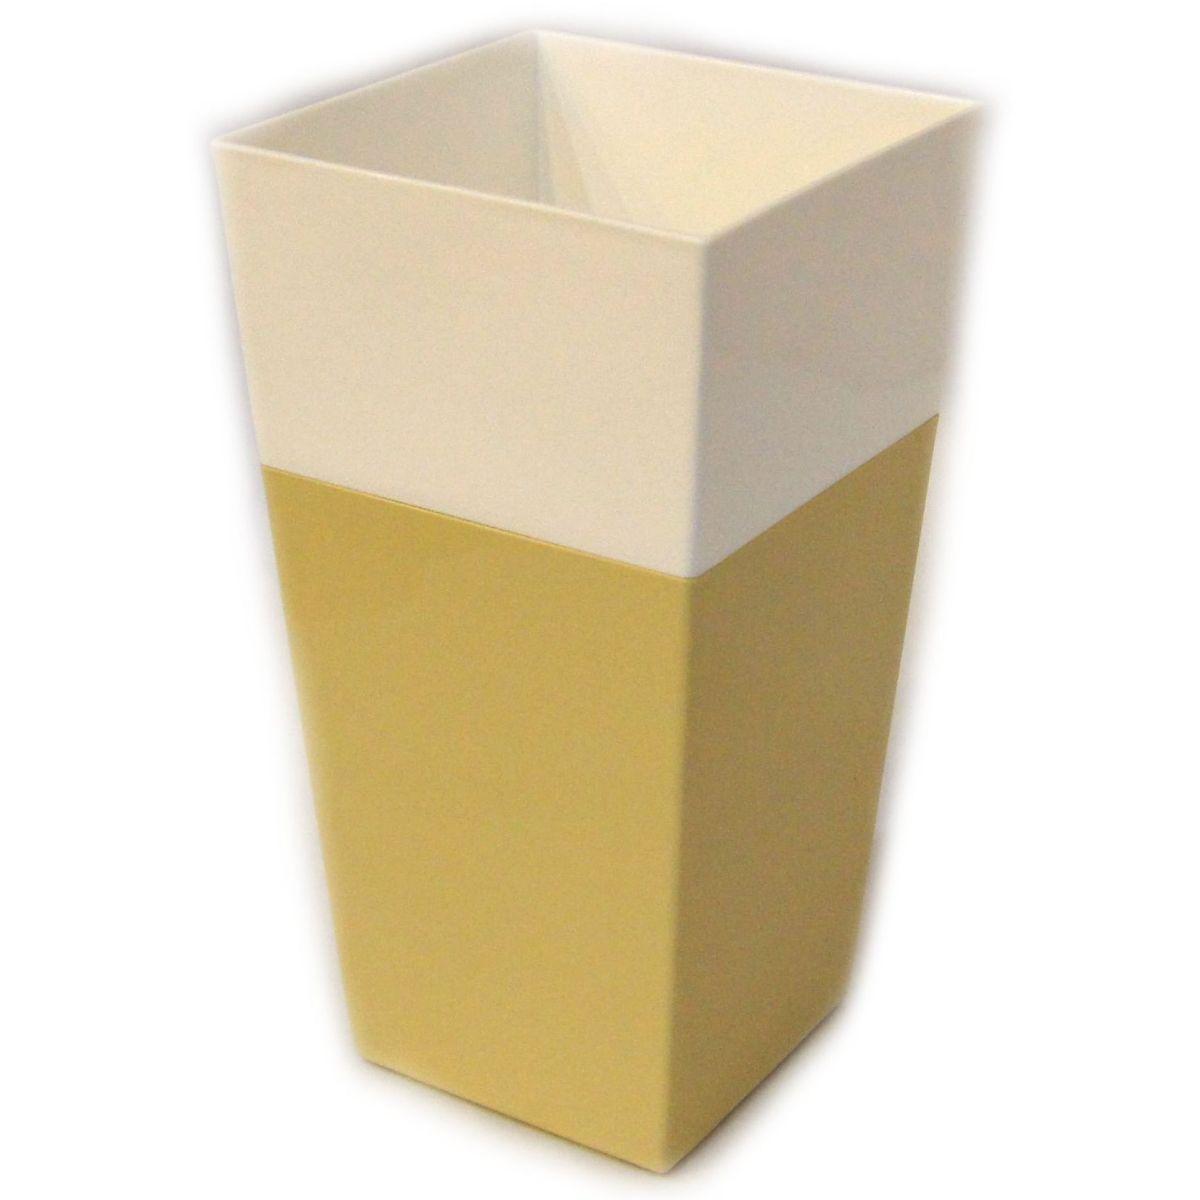 Кашпо JetPlast Дуэт, цвет: кремовый, белый, высота 34 см4612754052622Кашпо имеет строгий дизайн и состоит из двух частей: верхней части для цветка и нижней – поддона. Конструкция горшка позволяет, при желании, использовать систему фитильного полива, снабдив горшок веревкой. Оно изготовлено из прочного полипропилена (пластика).Размеры кашпо: 18 х 18 х 34 см.